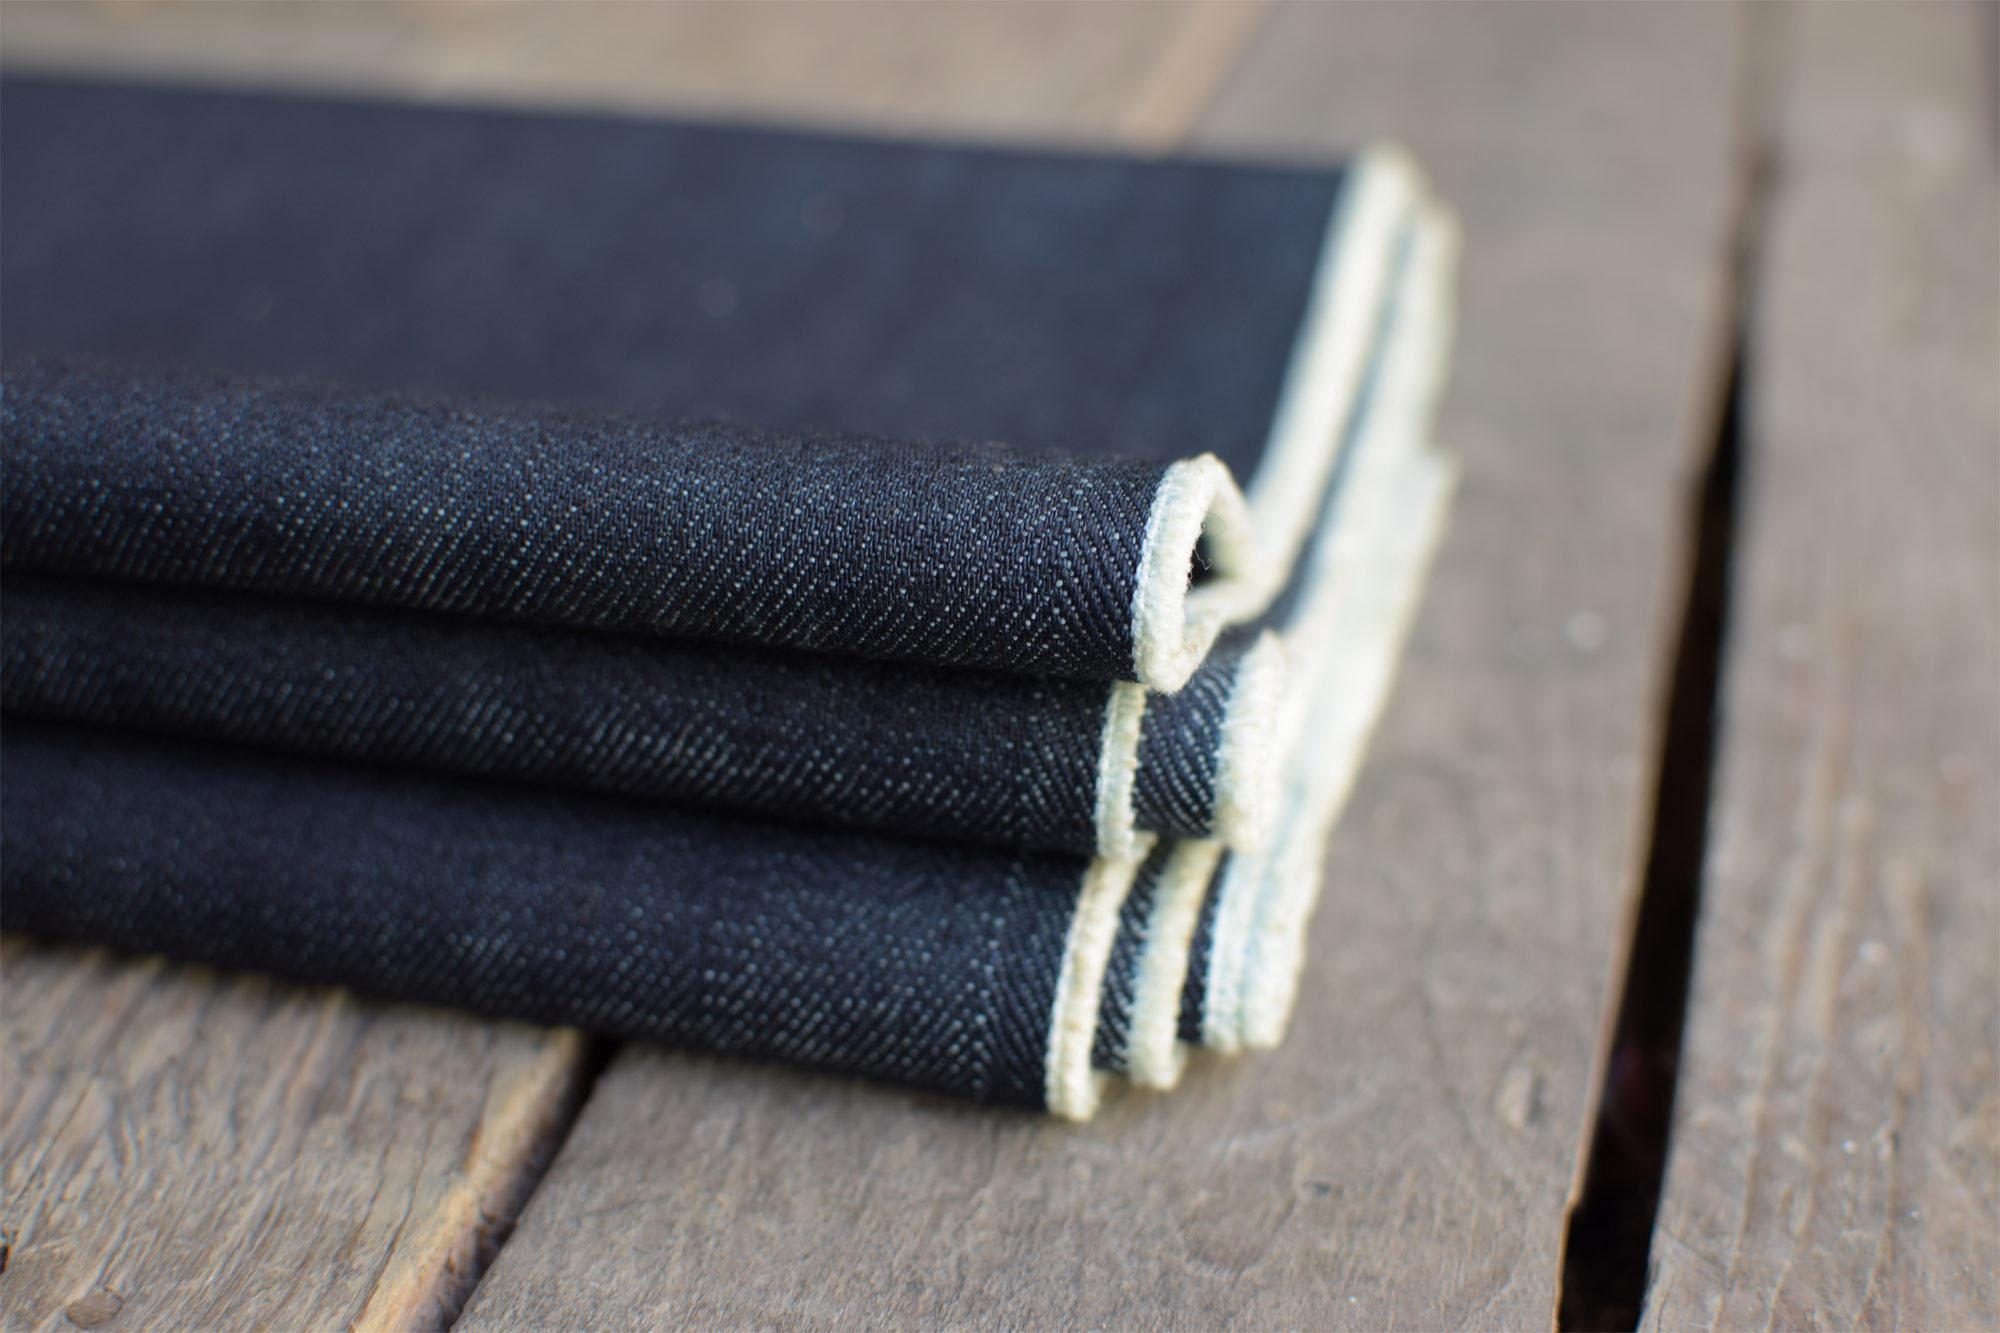 bio denim, bio jeans, raw denim, recycled cotton, recycelte baumwolle, hanf denim, hanfjeans, lodenjeans, 12, 14, oz, nach mass, indigo, fade